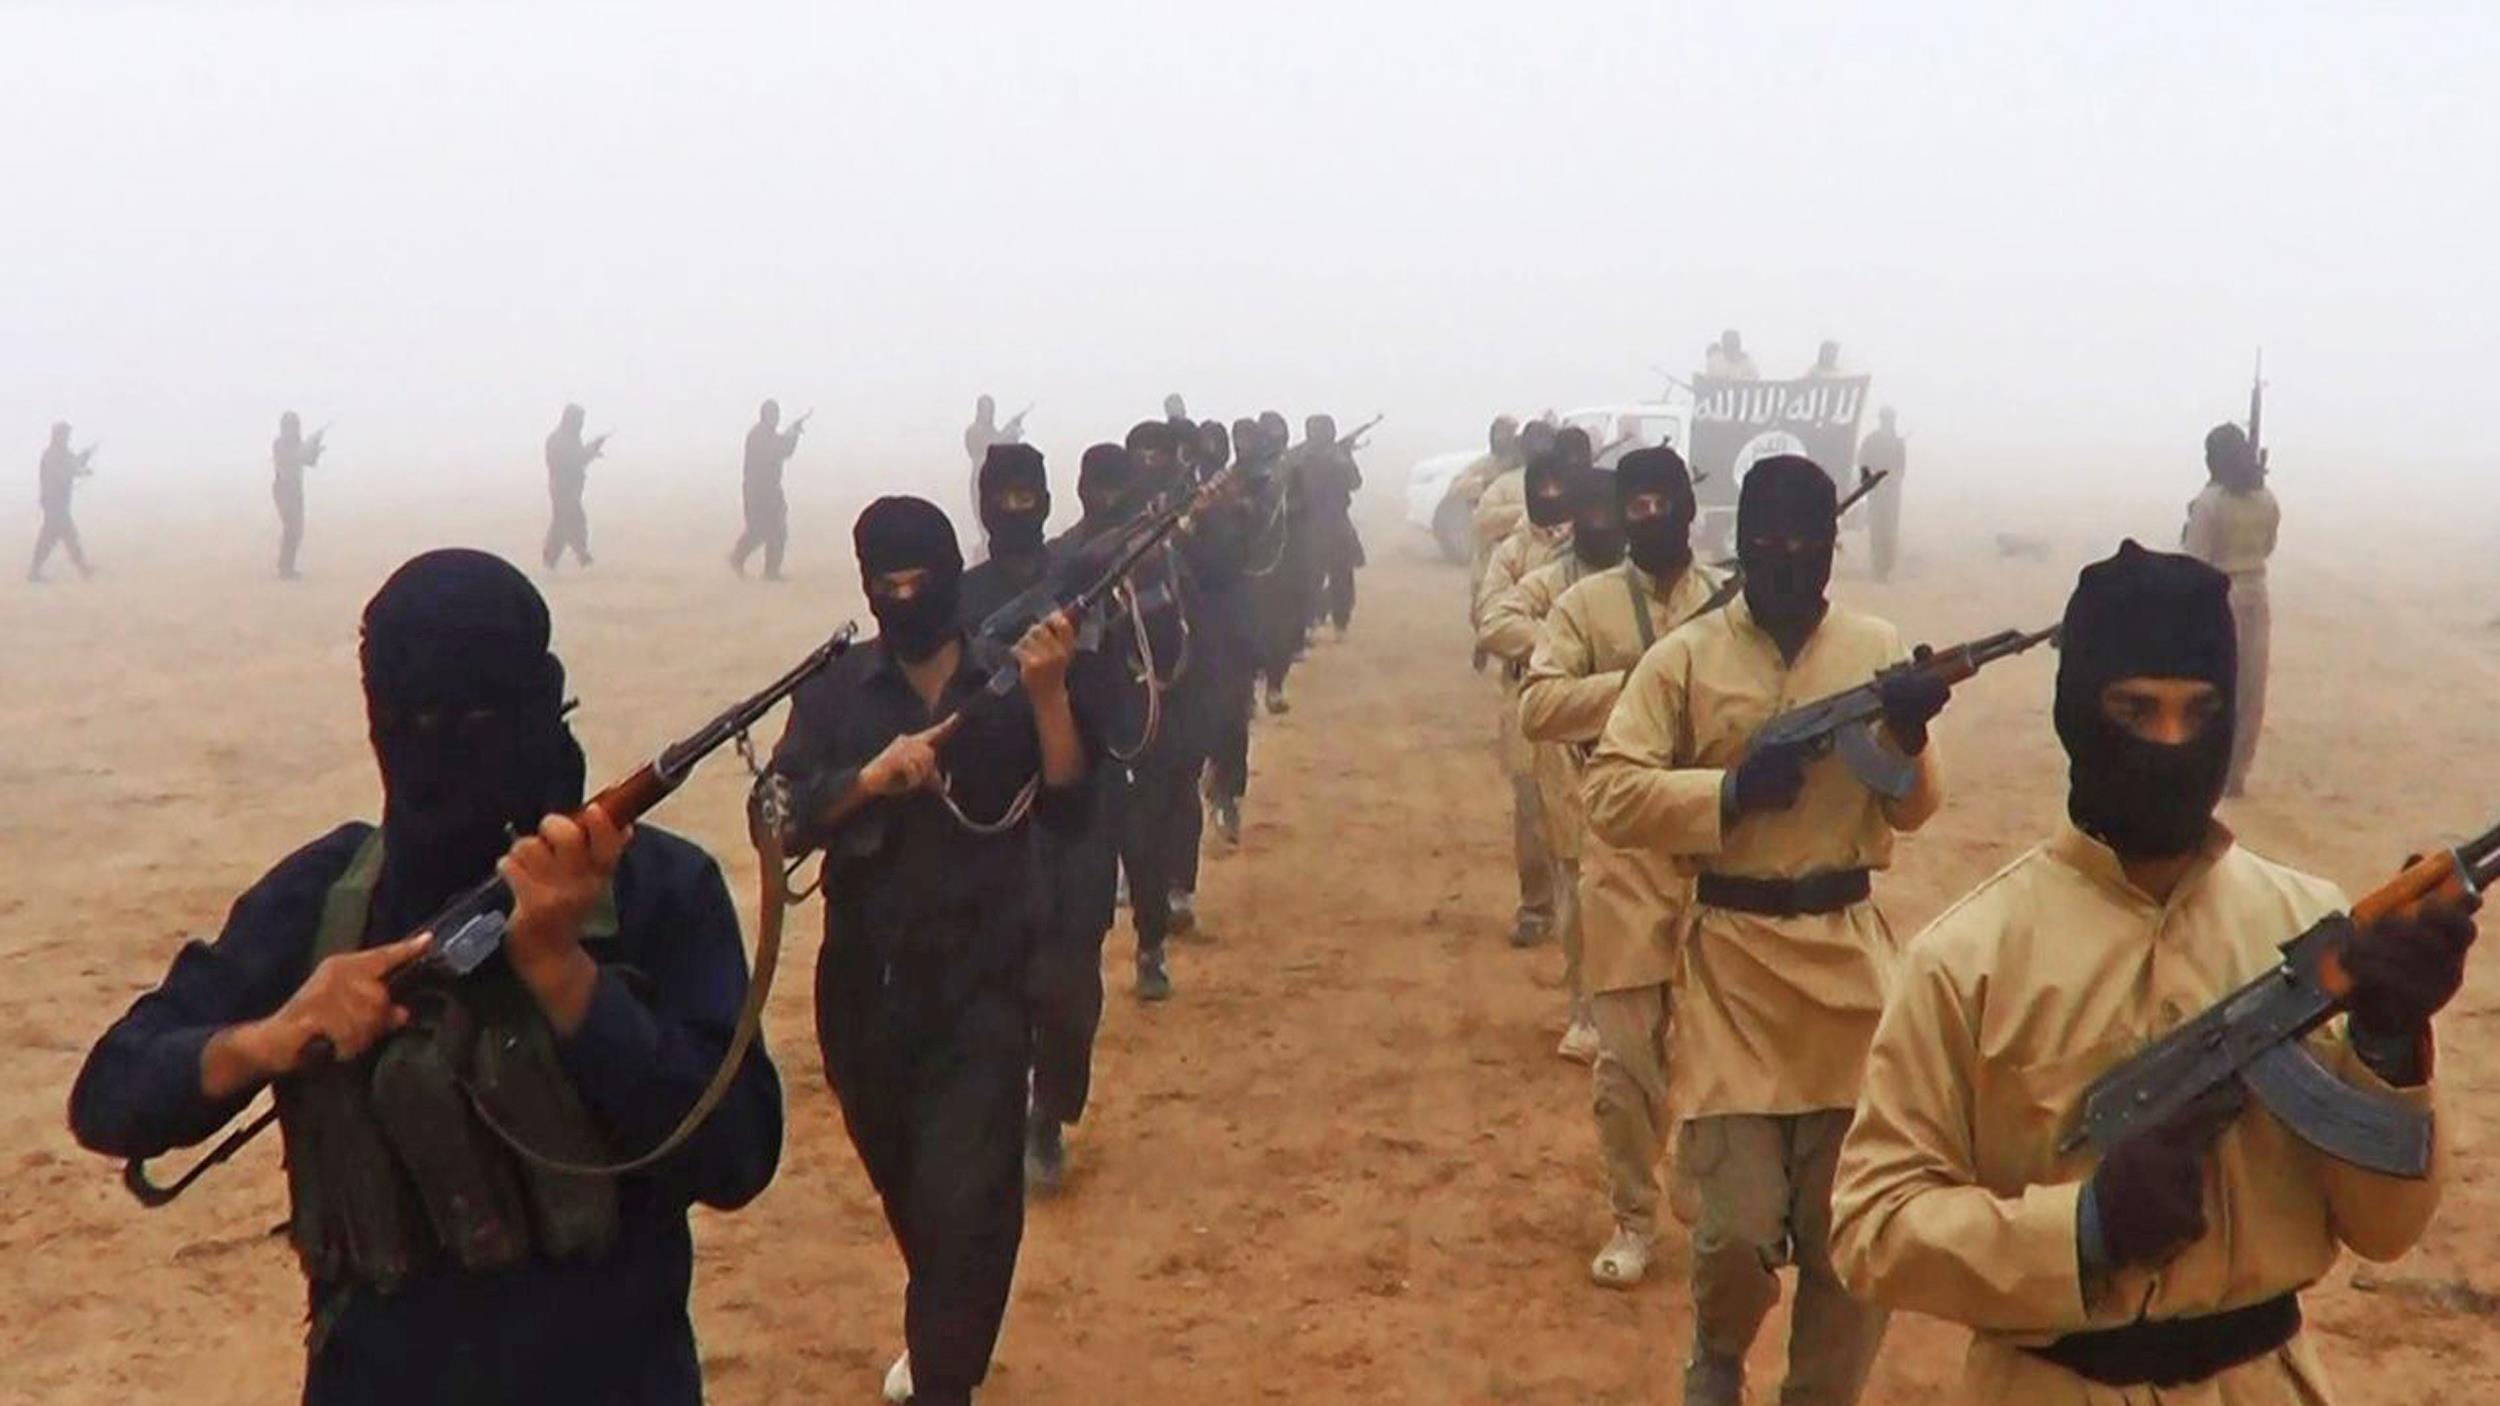 Các nhóm cực đoan coi lệnh cấm nhập cảnh của Hoa Kỳ là cuộc chiến chống Hồi Giáo